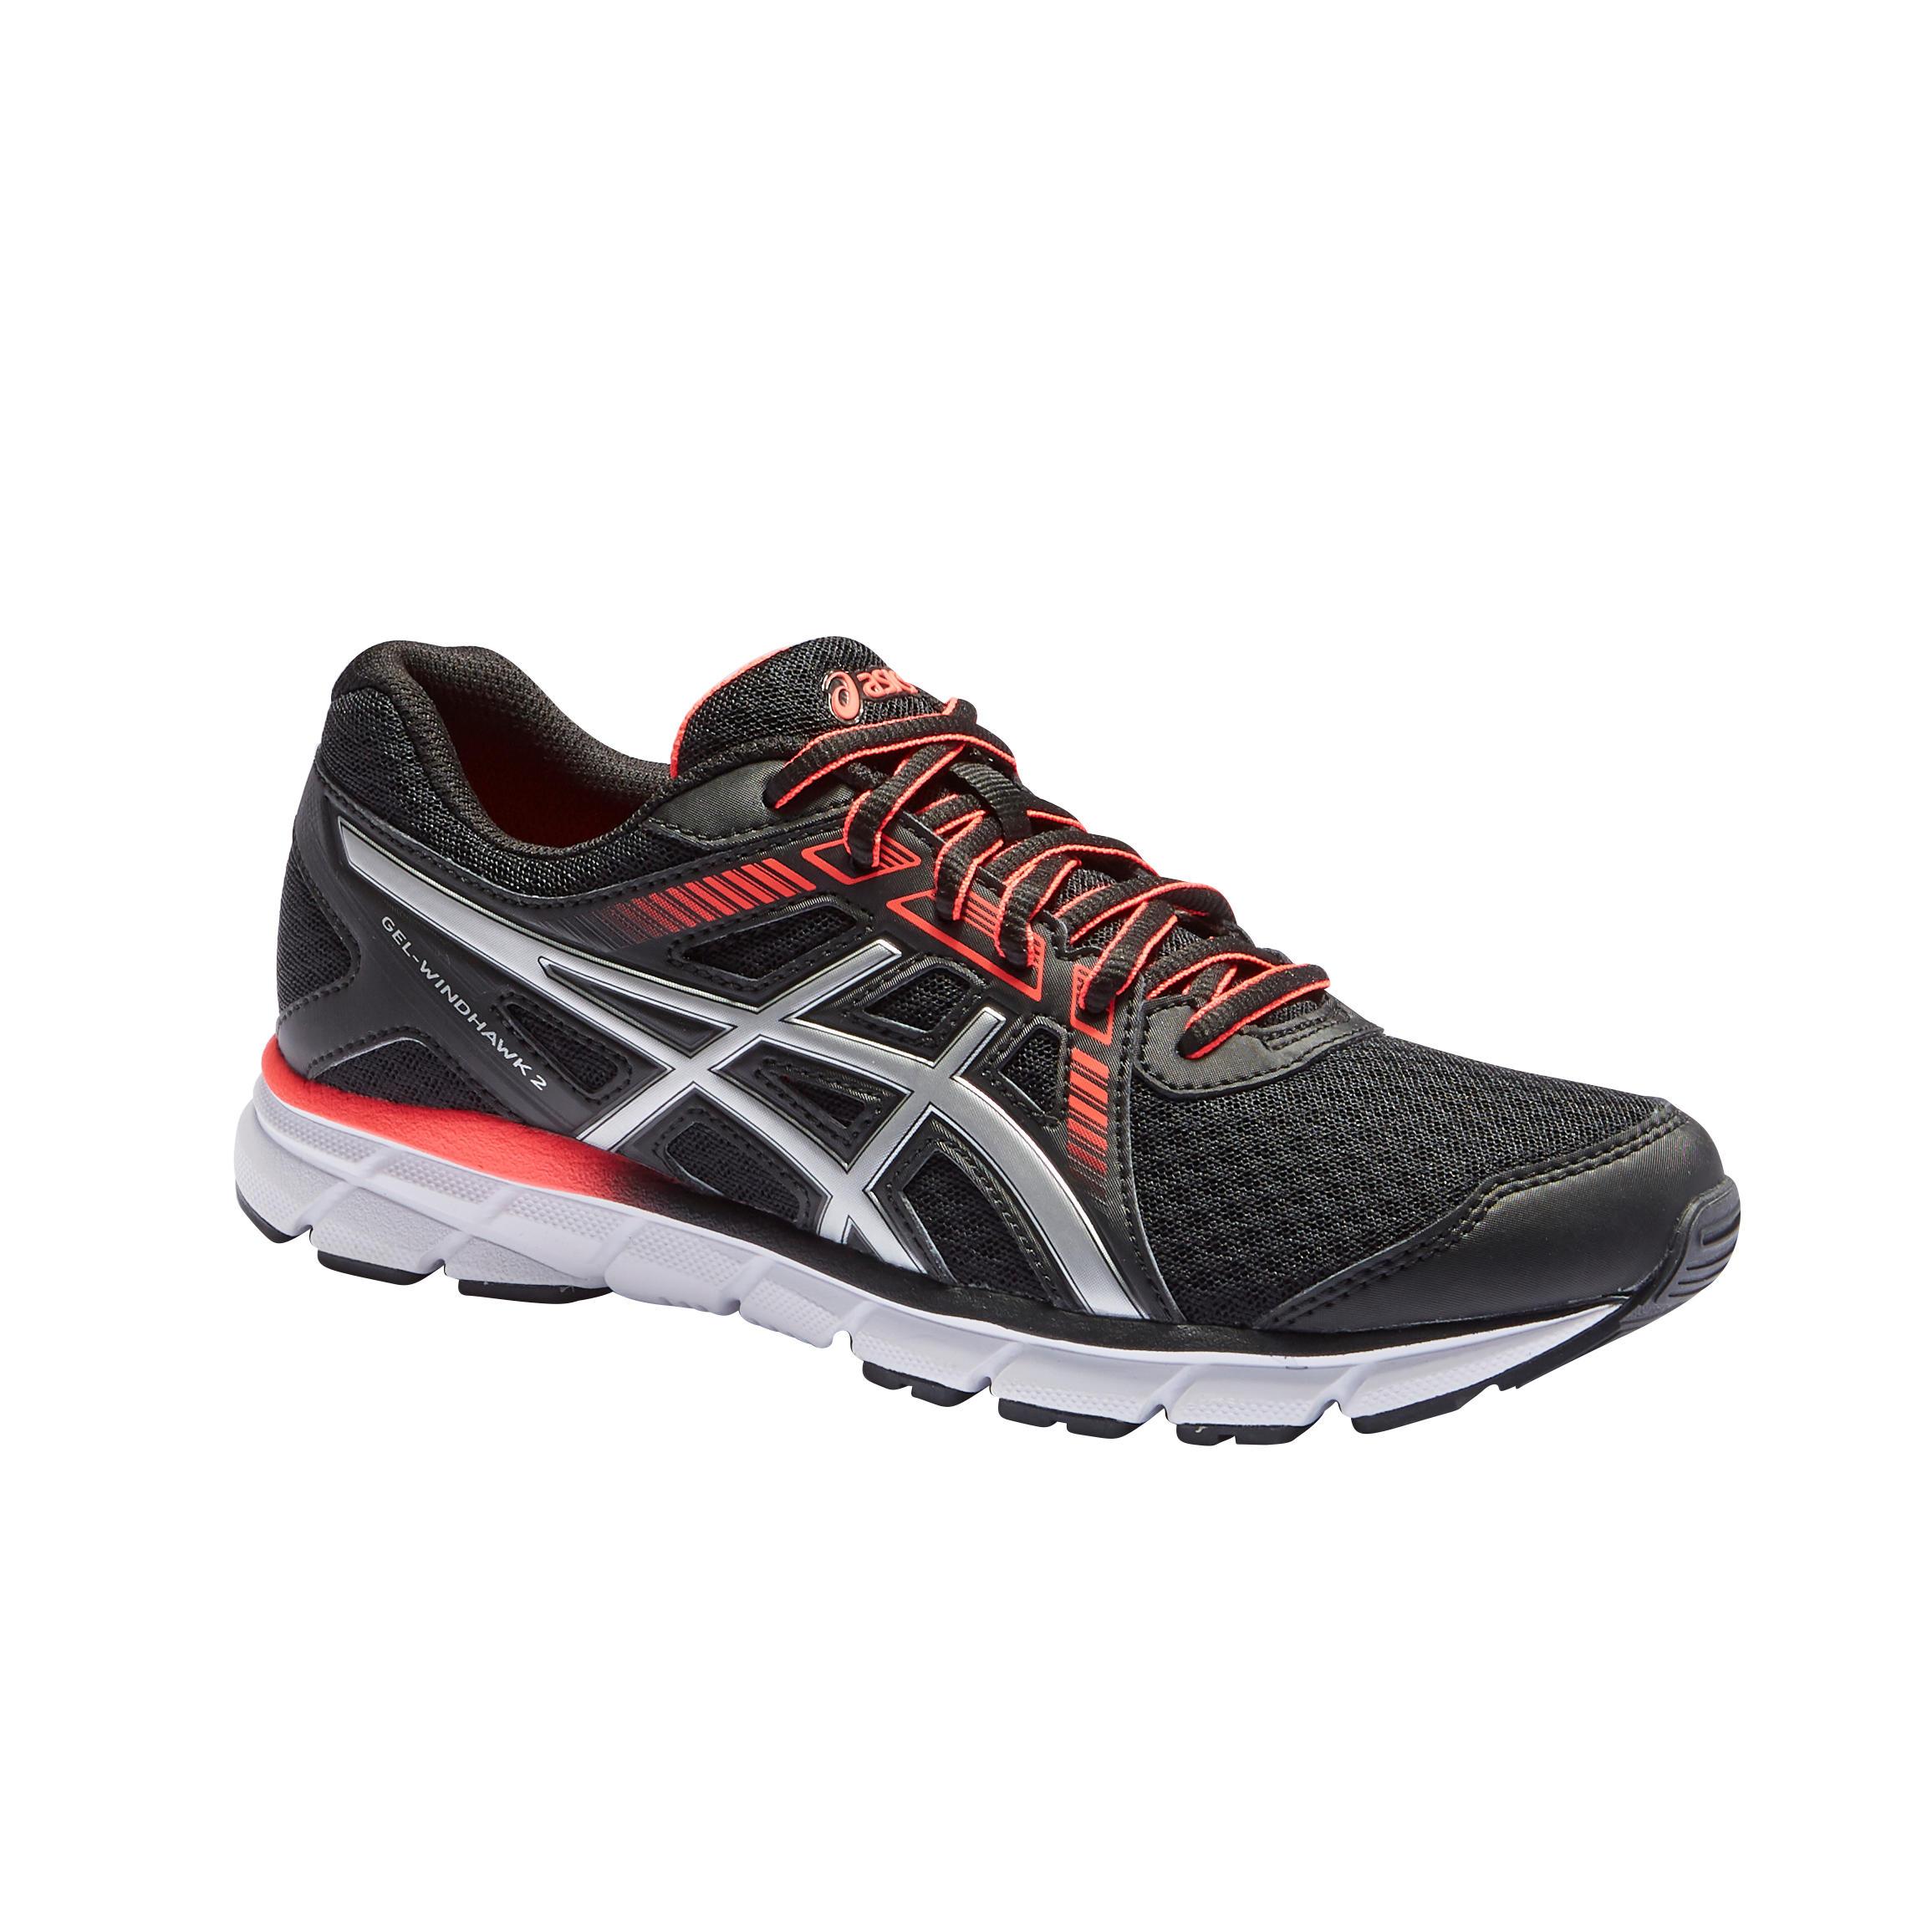 e50a1328390 Comprar zapatillas de running online